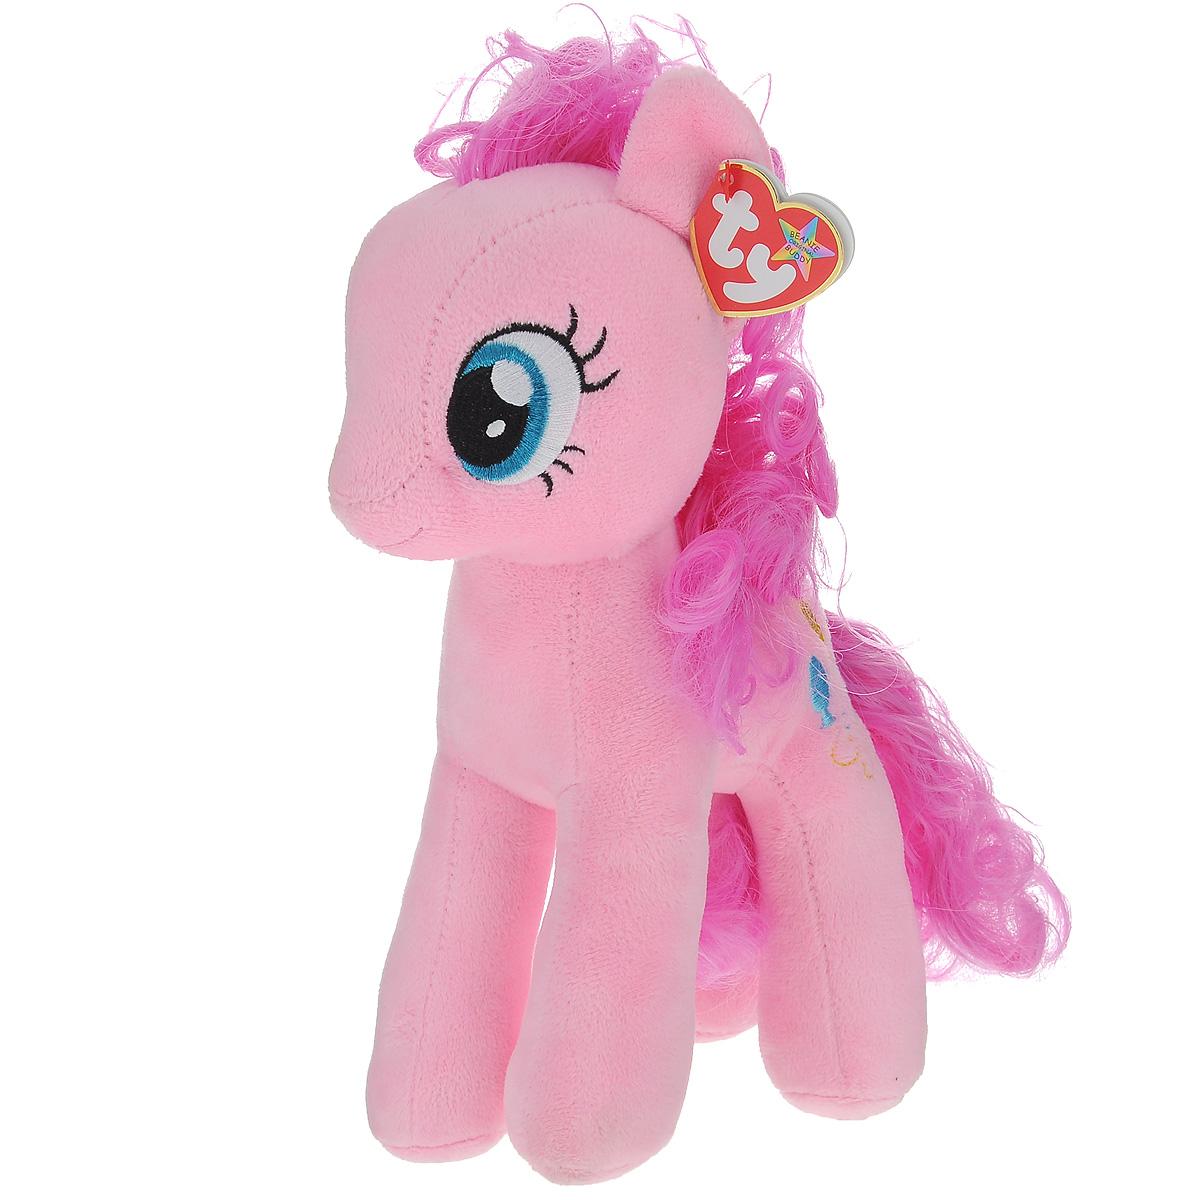 Мягкая игрушка TY Пони Pinkie Pie, 25 см90200Мягкая игрушка TY Пони Pinkie Pie выполнена в виде очаровательной розовой пони с элегантным длинным хвостом и гривой. Грива и хвостик выполнены из мягкого текстиля, их можно заплетать и расчесывать. Игрушка имеет специальные уплотнения в ногах, что позволяет ей стоять самостоятельно, без опоры. Удивительно мягкая игрушка принесет радость и подарит своему обладателю мгновения нежных объятий и приятных воспоминаний. Специальные гранулы, используемые при ее набивке, способствуют развитию мелкой моторики рук малыша. Великолепное качество исполнения делают эту игрушку чудесным подарком к любому празднику.